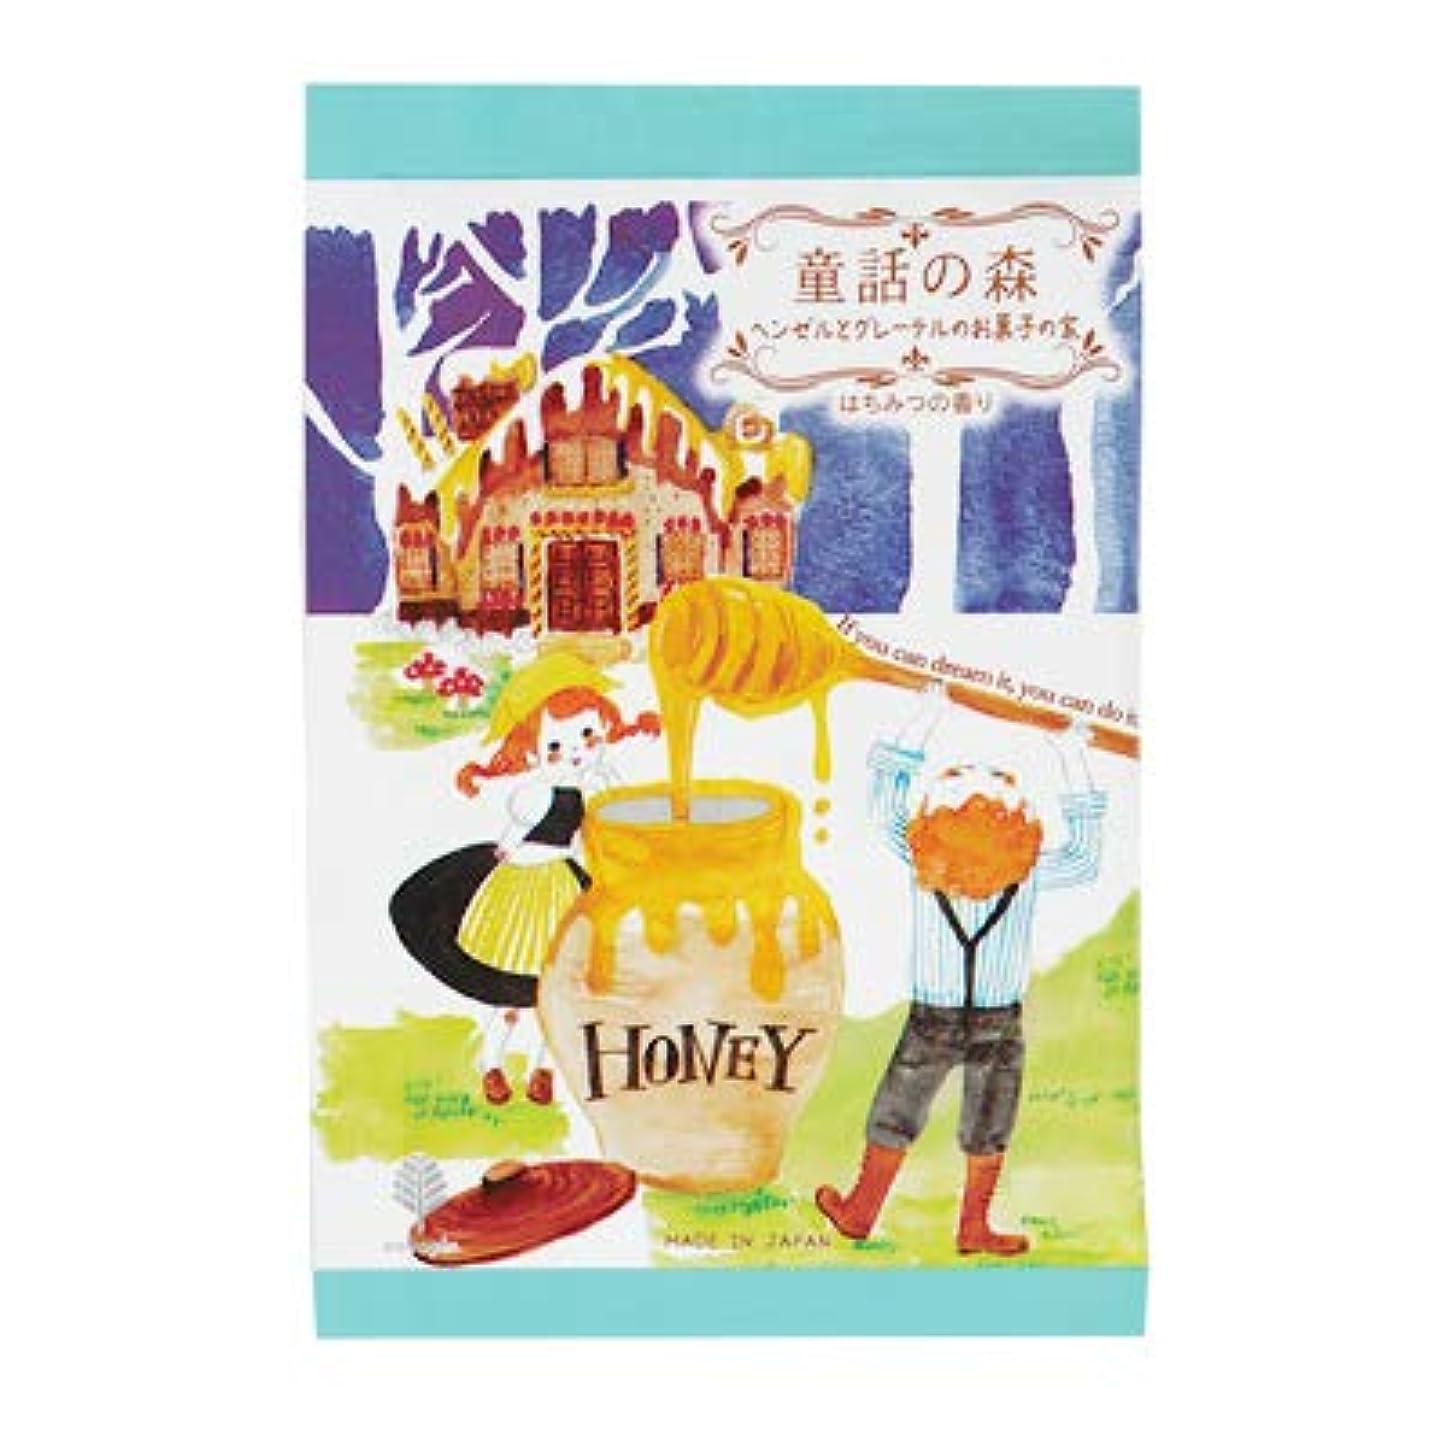 毛布護衛補助【まとめ買い6個セット】 童話の森 ヘンゼルとグレーテルのお菓子の家